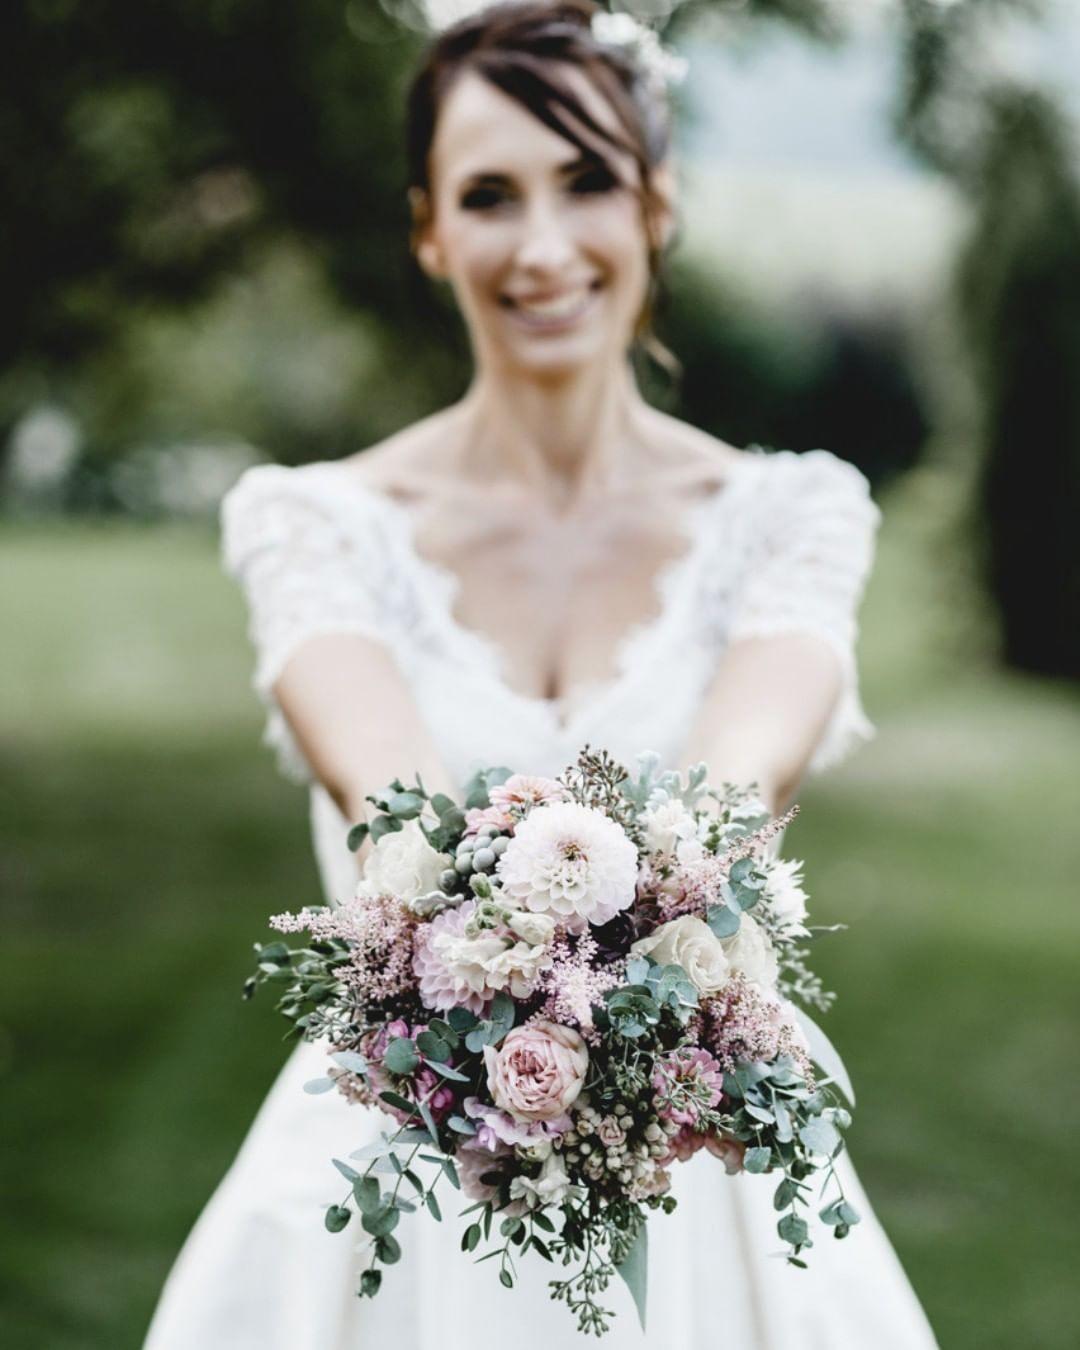 Свадебные букеты для самых красивых невест: модные тенденции 2019 | 29